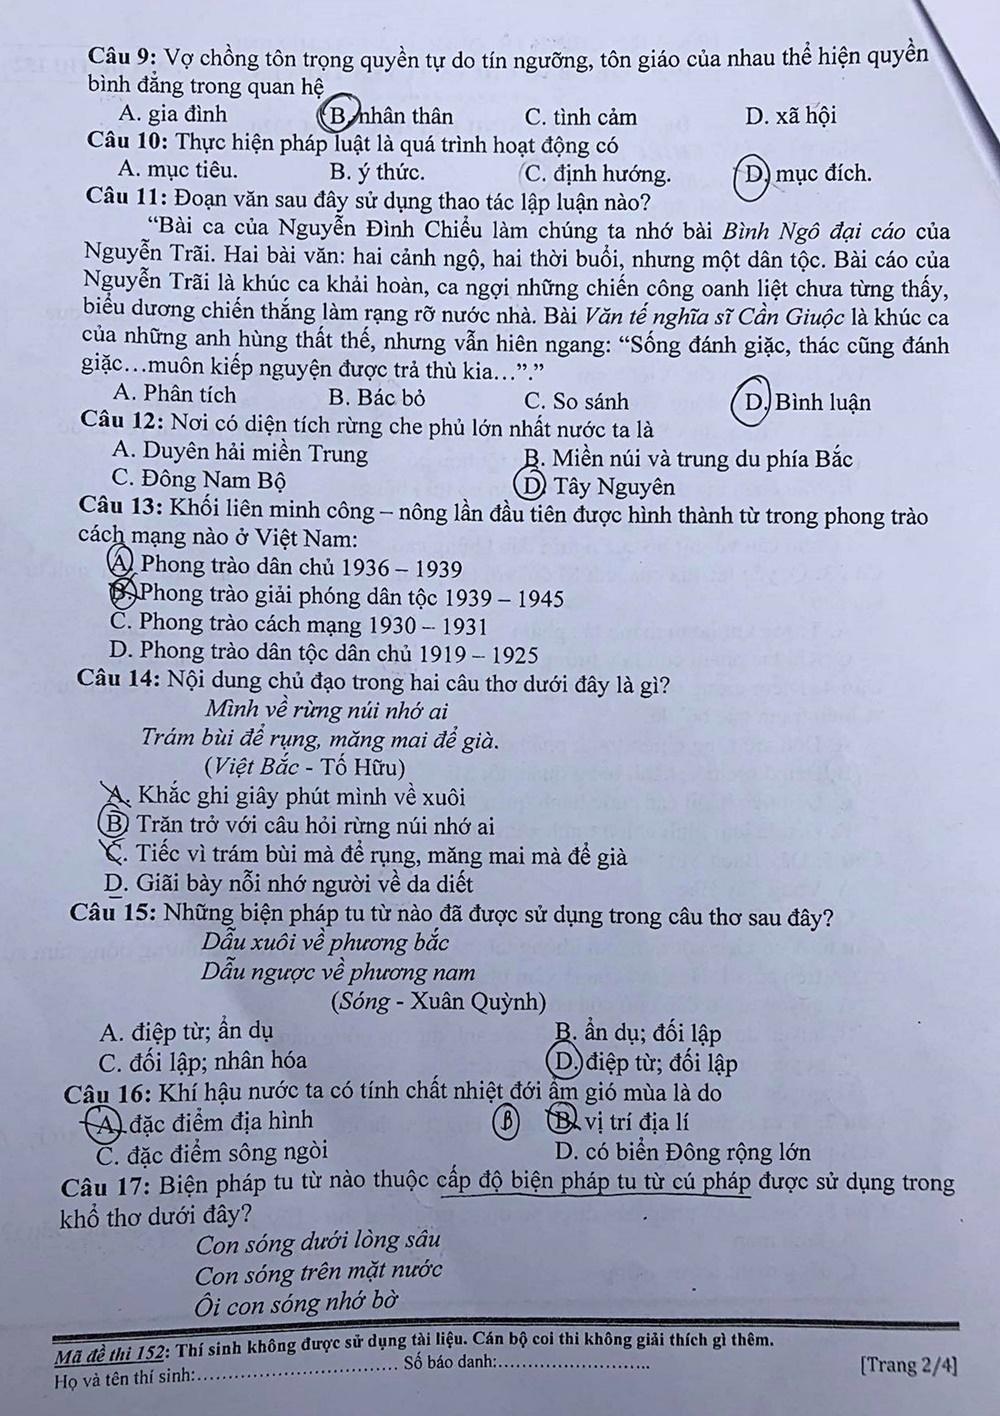 Đề thi Năng khiếu báo chí hỏi về Covid-19 - 6